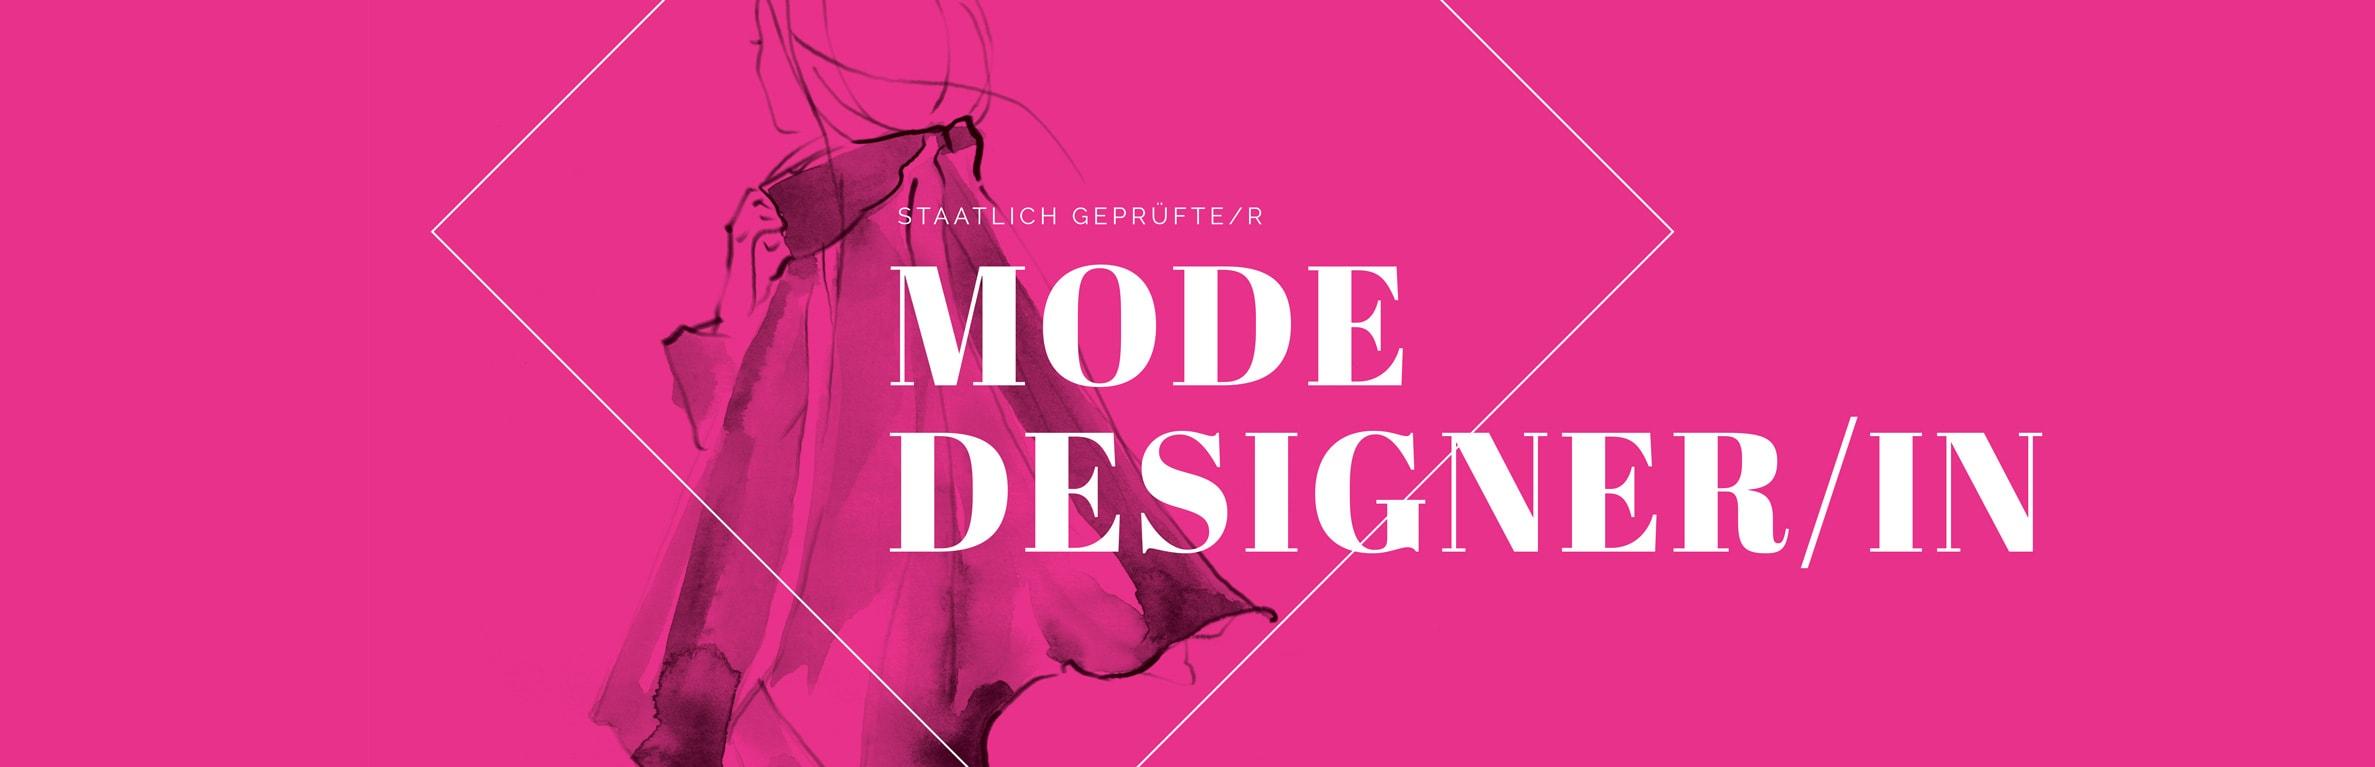 Design staatlich gepr fte r modedesignerin for Mobeldesigner ausbildung